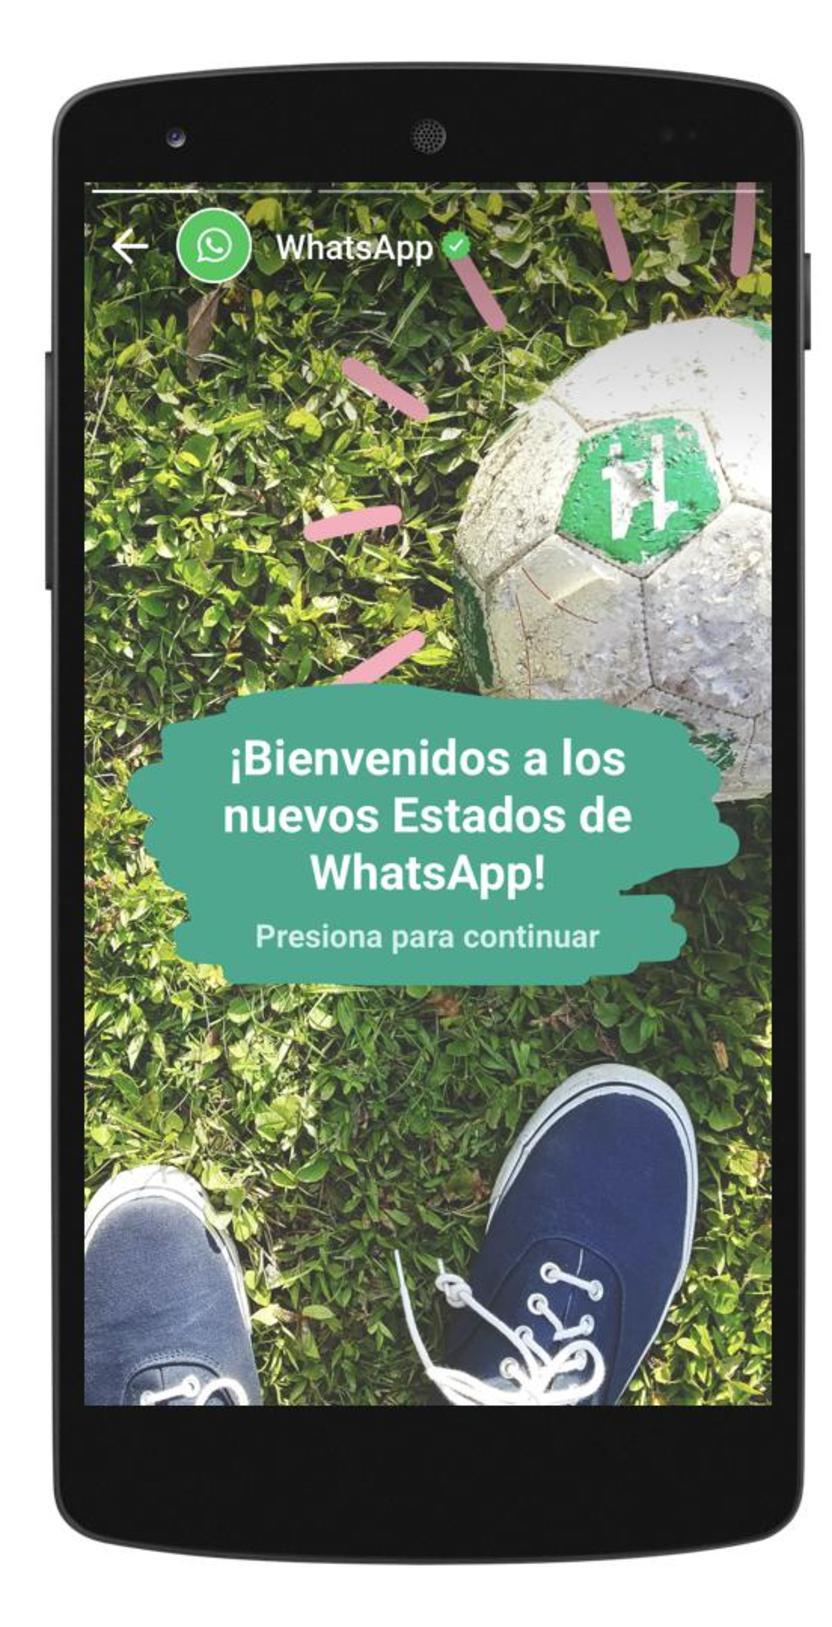 Whatsapp Status El Lado Snapchat De Whatsapp Sandiegoredcom